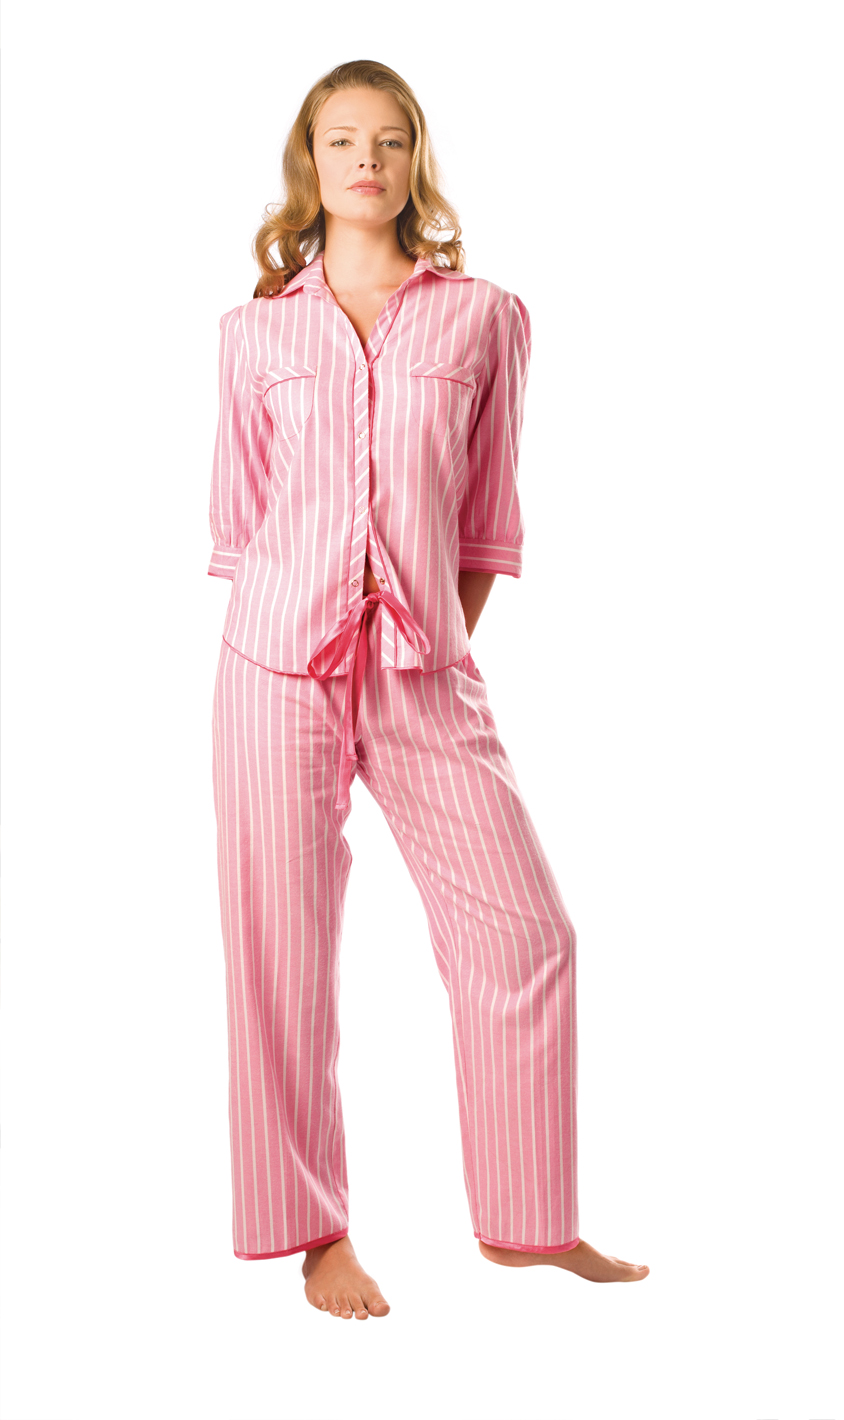 Pijamalı ve eşofmalı bayan resimleri lazım